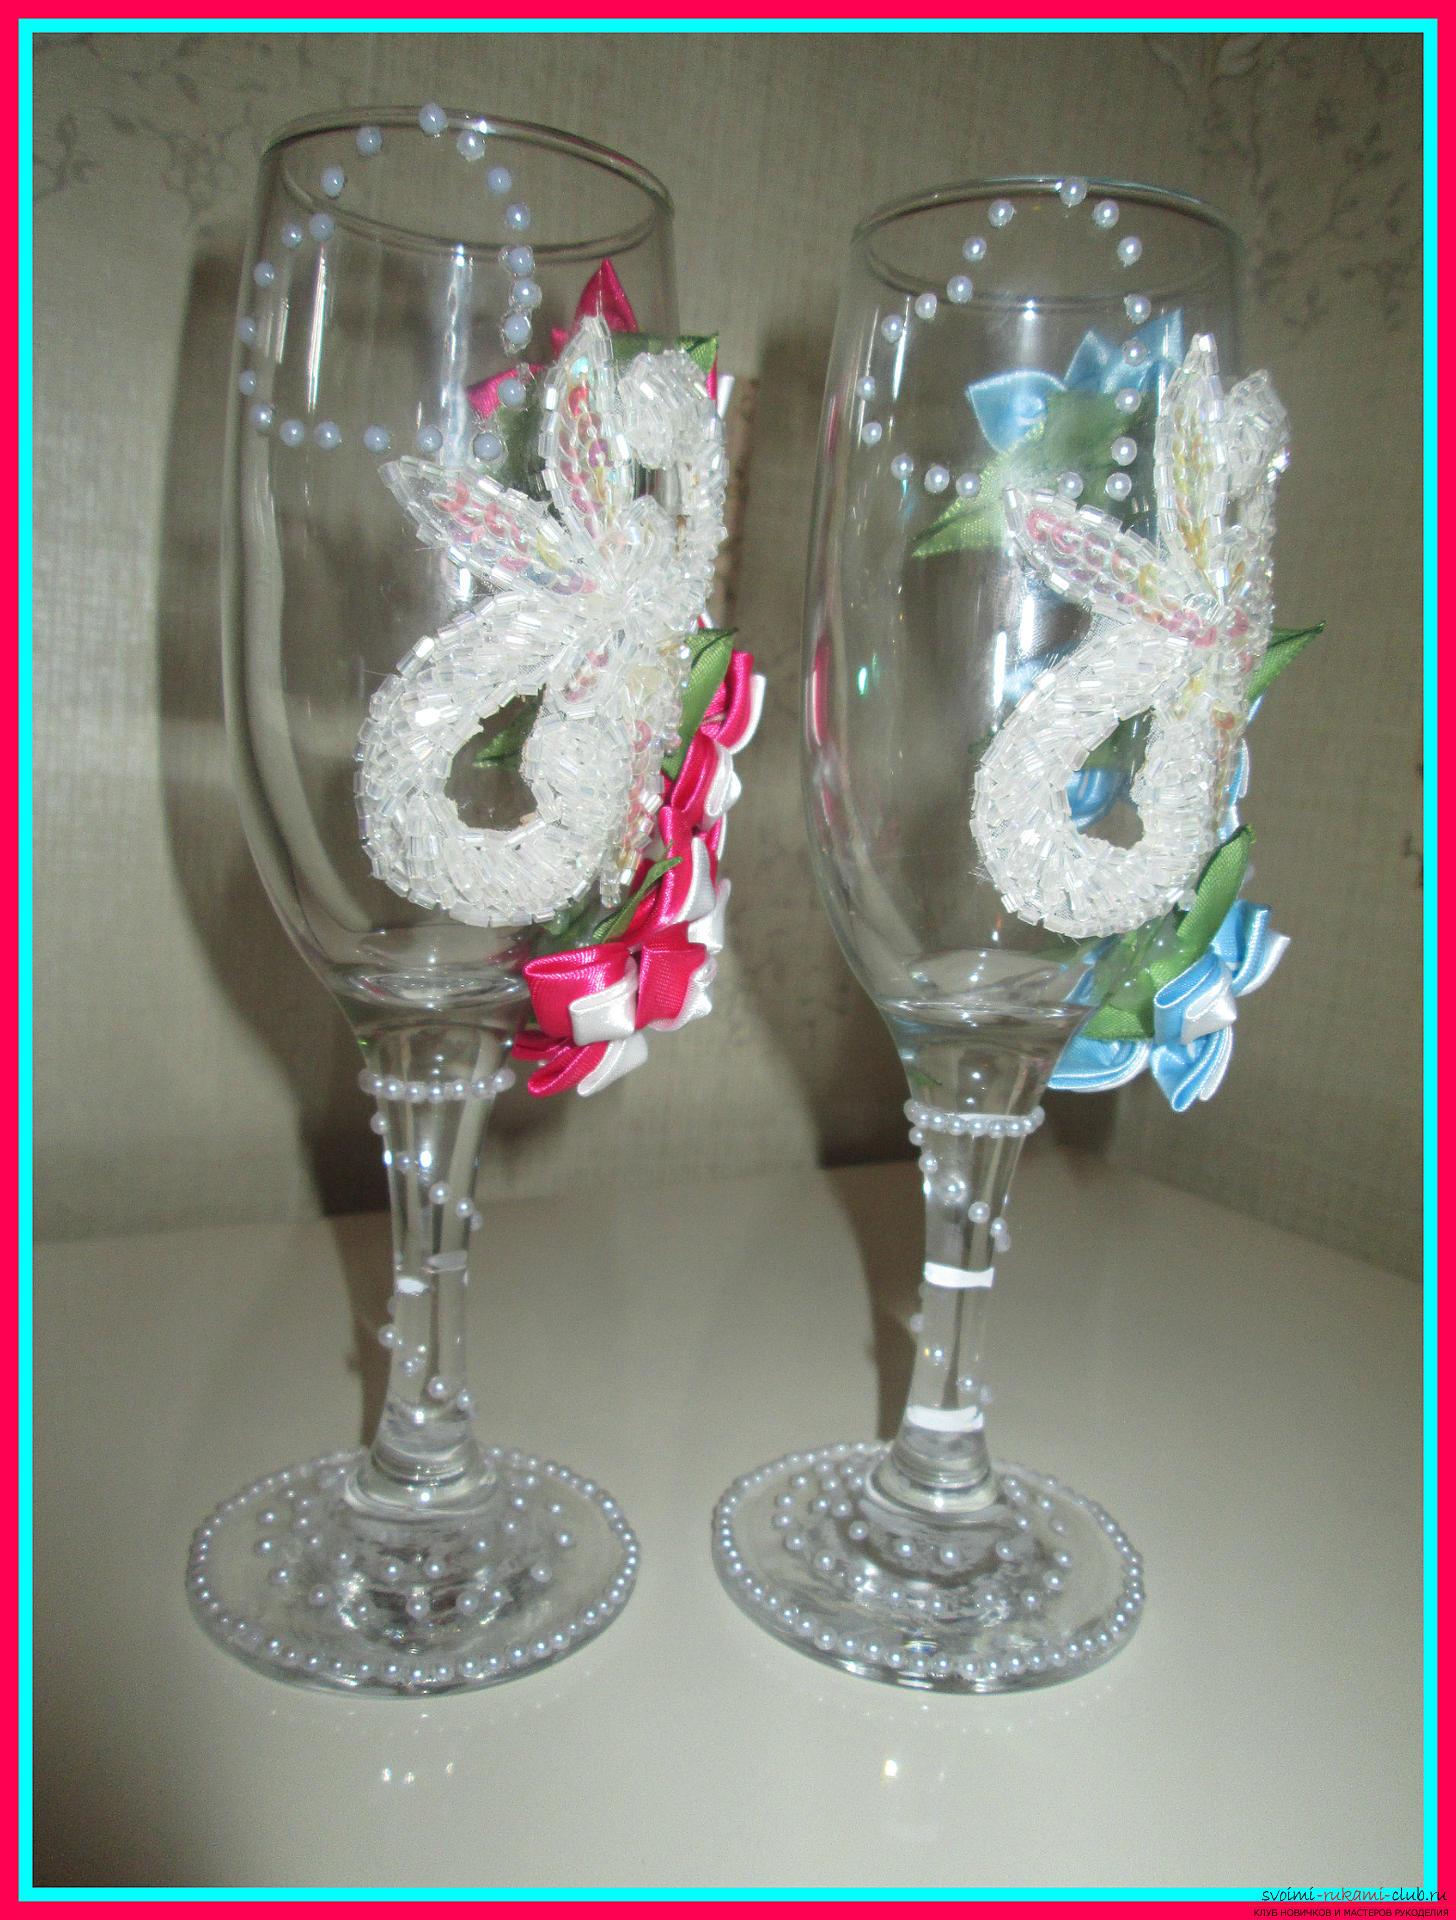 Своими руками бутылку с шампанским для свадьбы 379